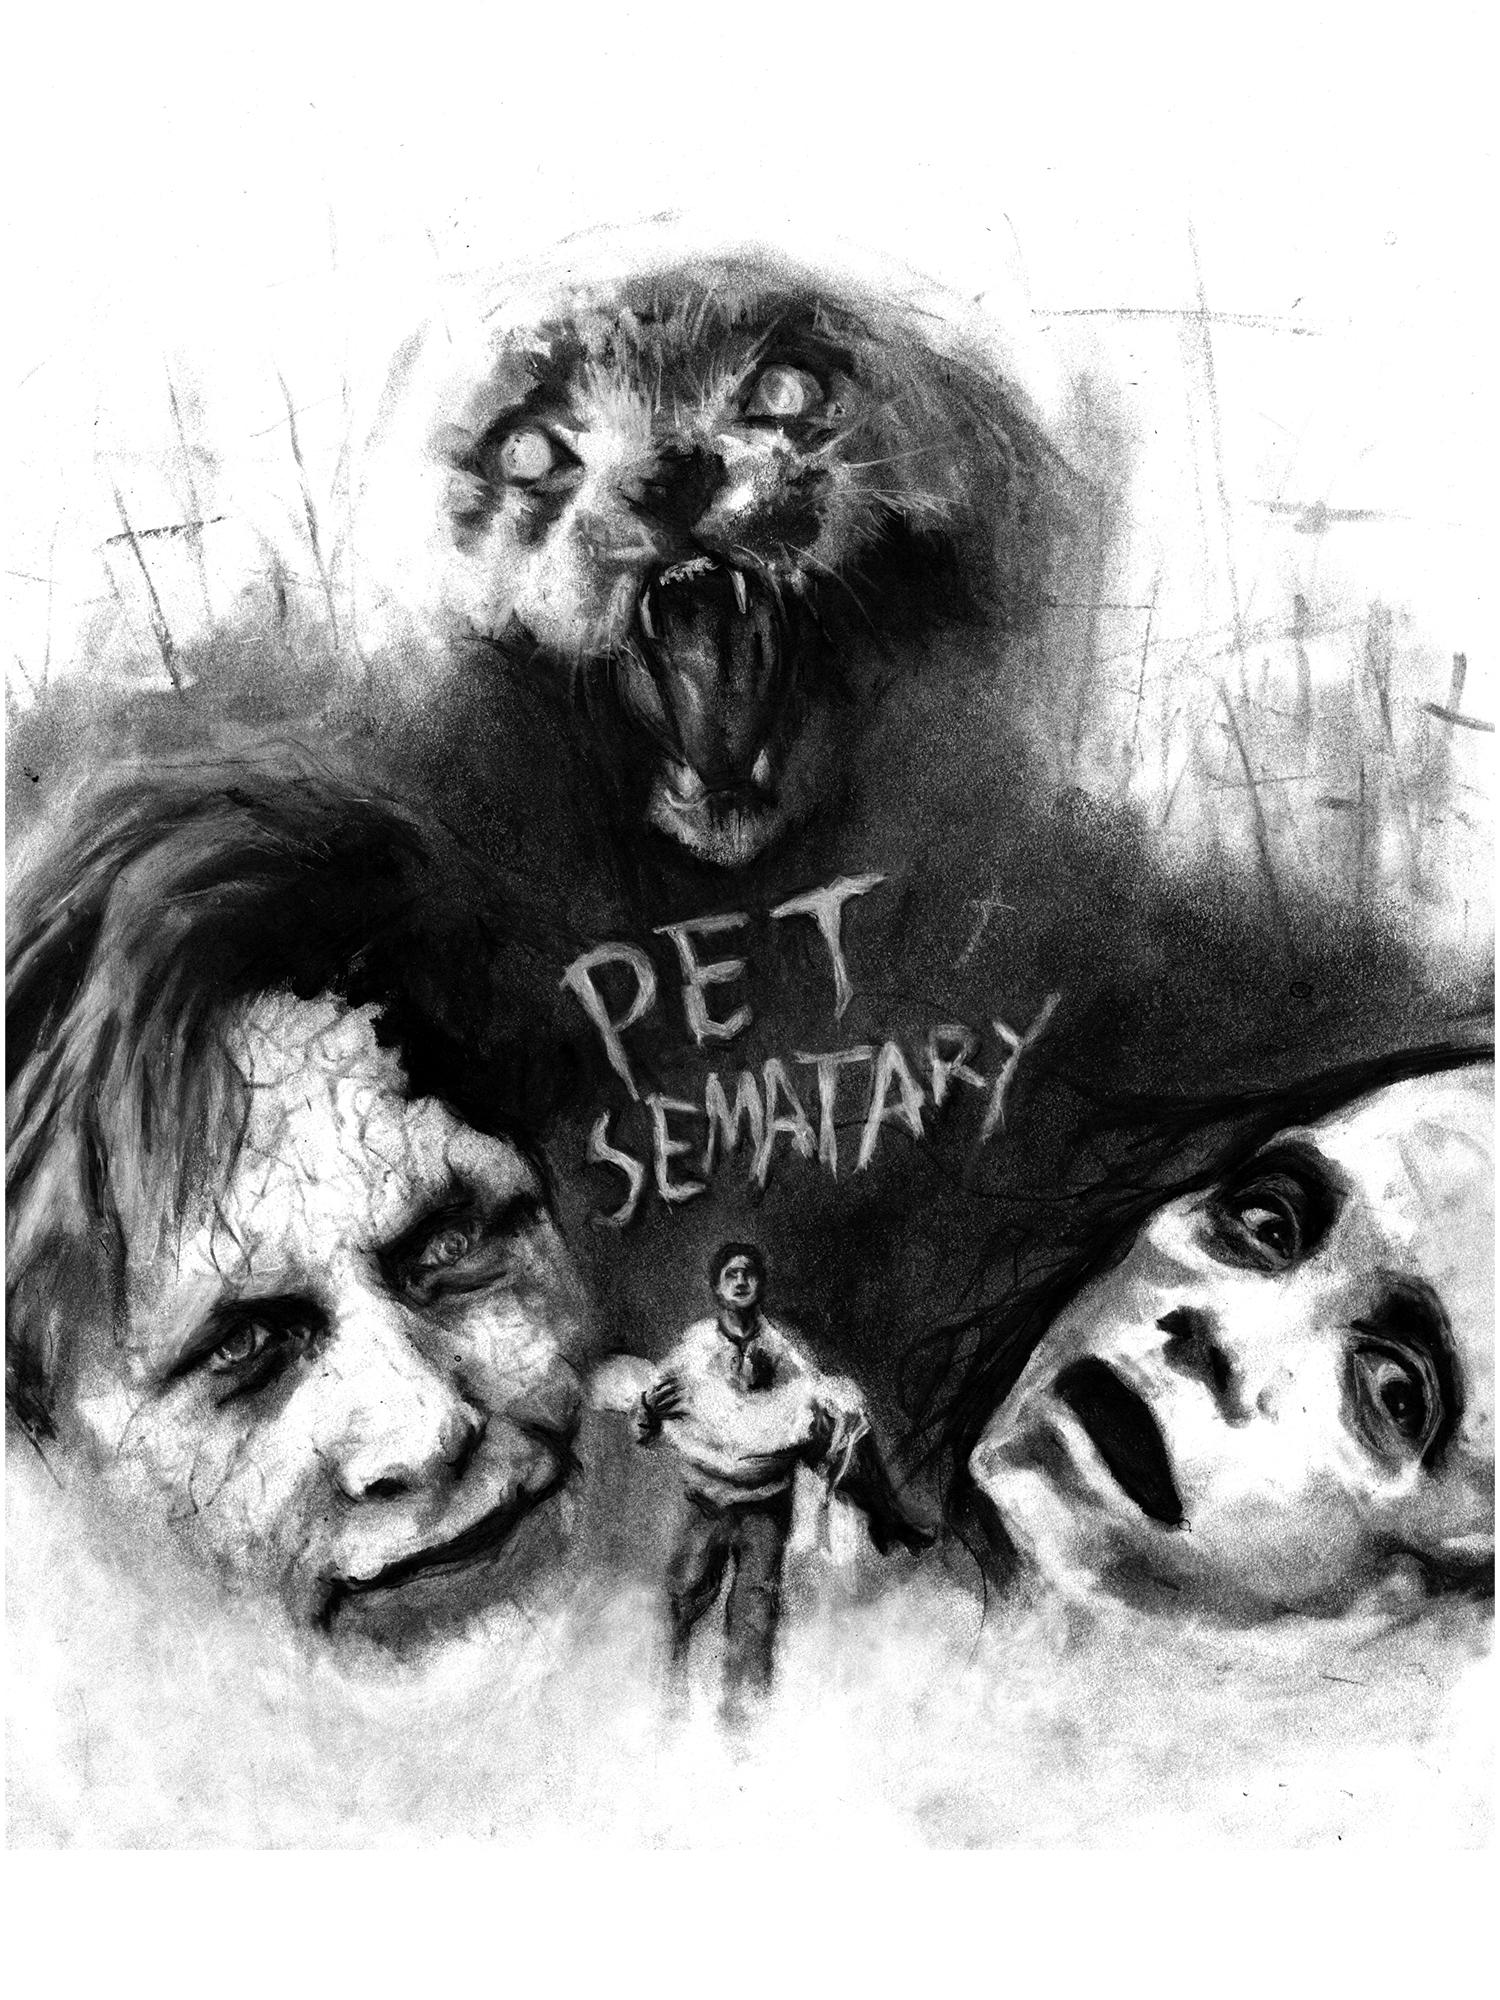 PetSemEtsy.jpg